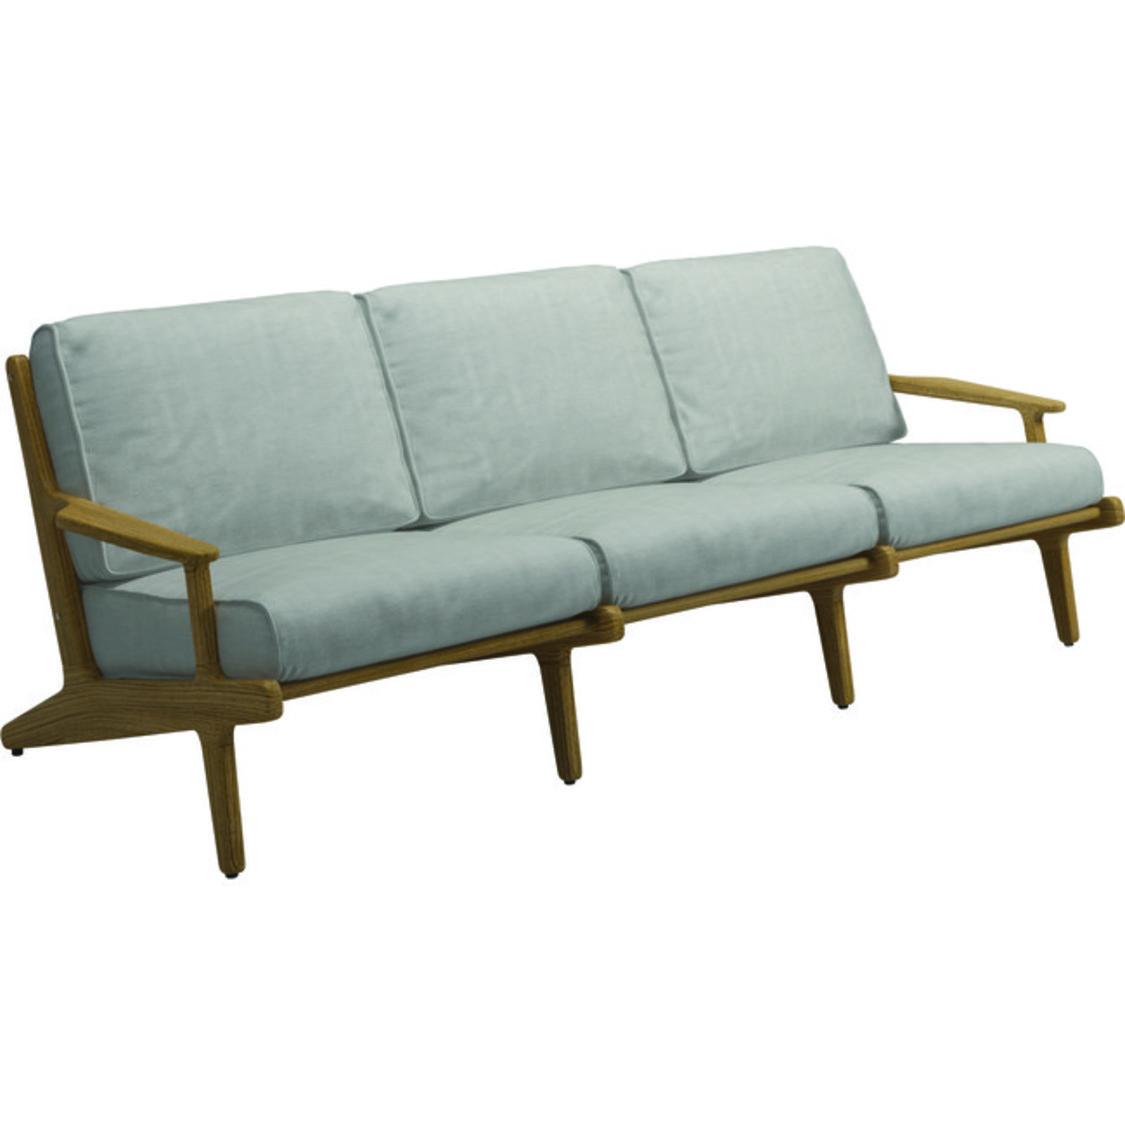 Garten Lounge Sofa Bay Gloster 3 Sitzer Hauptstadtmoebelde